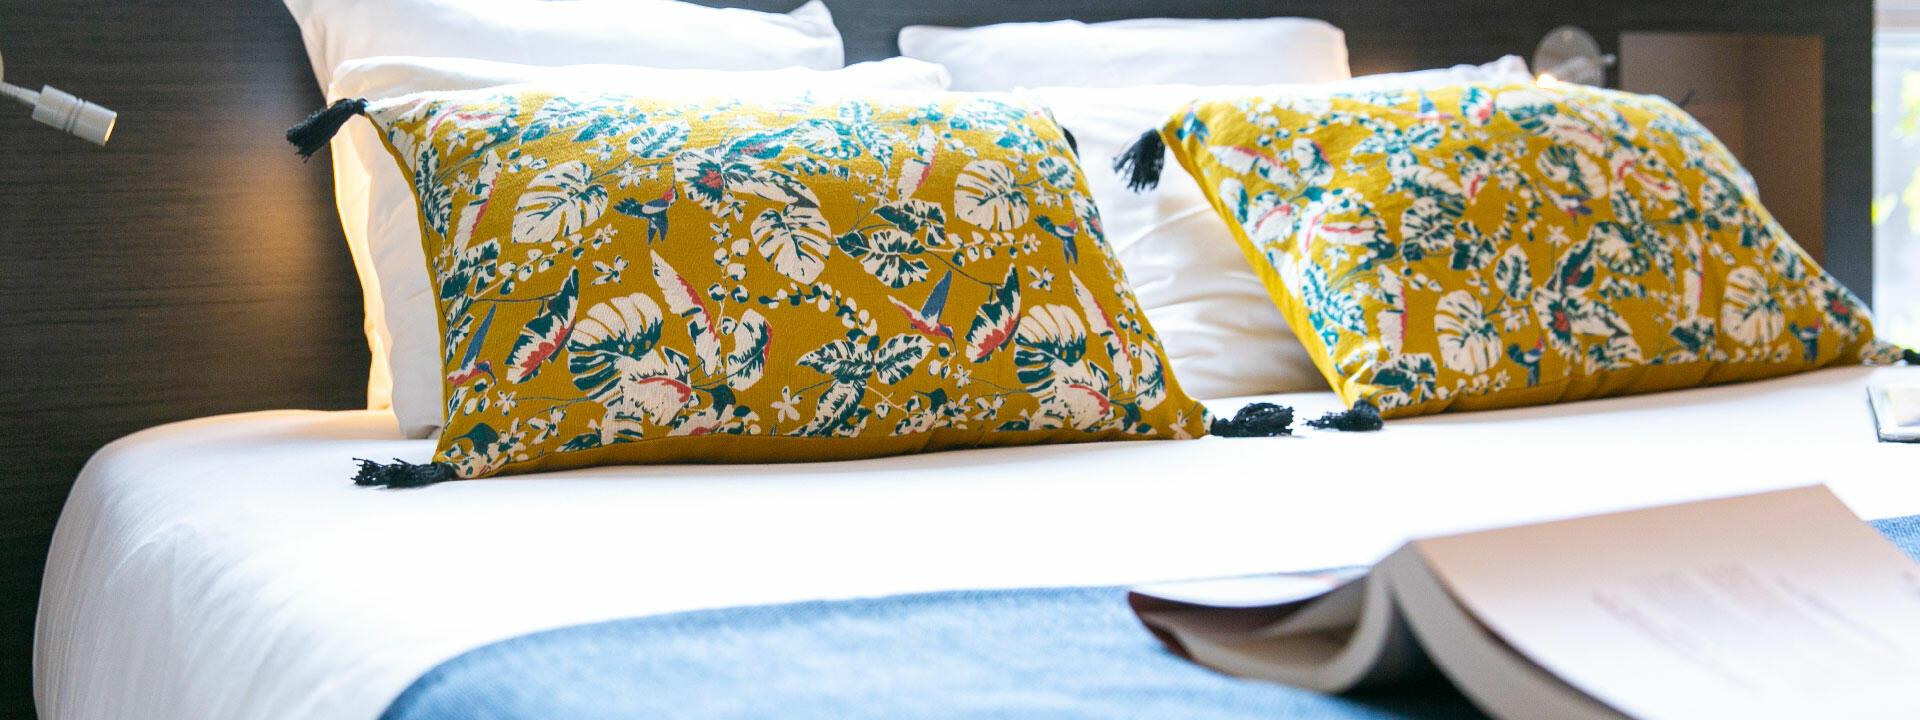 Lit double grand lit confort équipement décoration tendance Sain